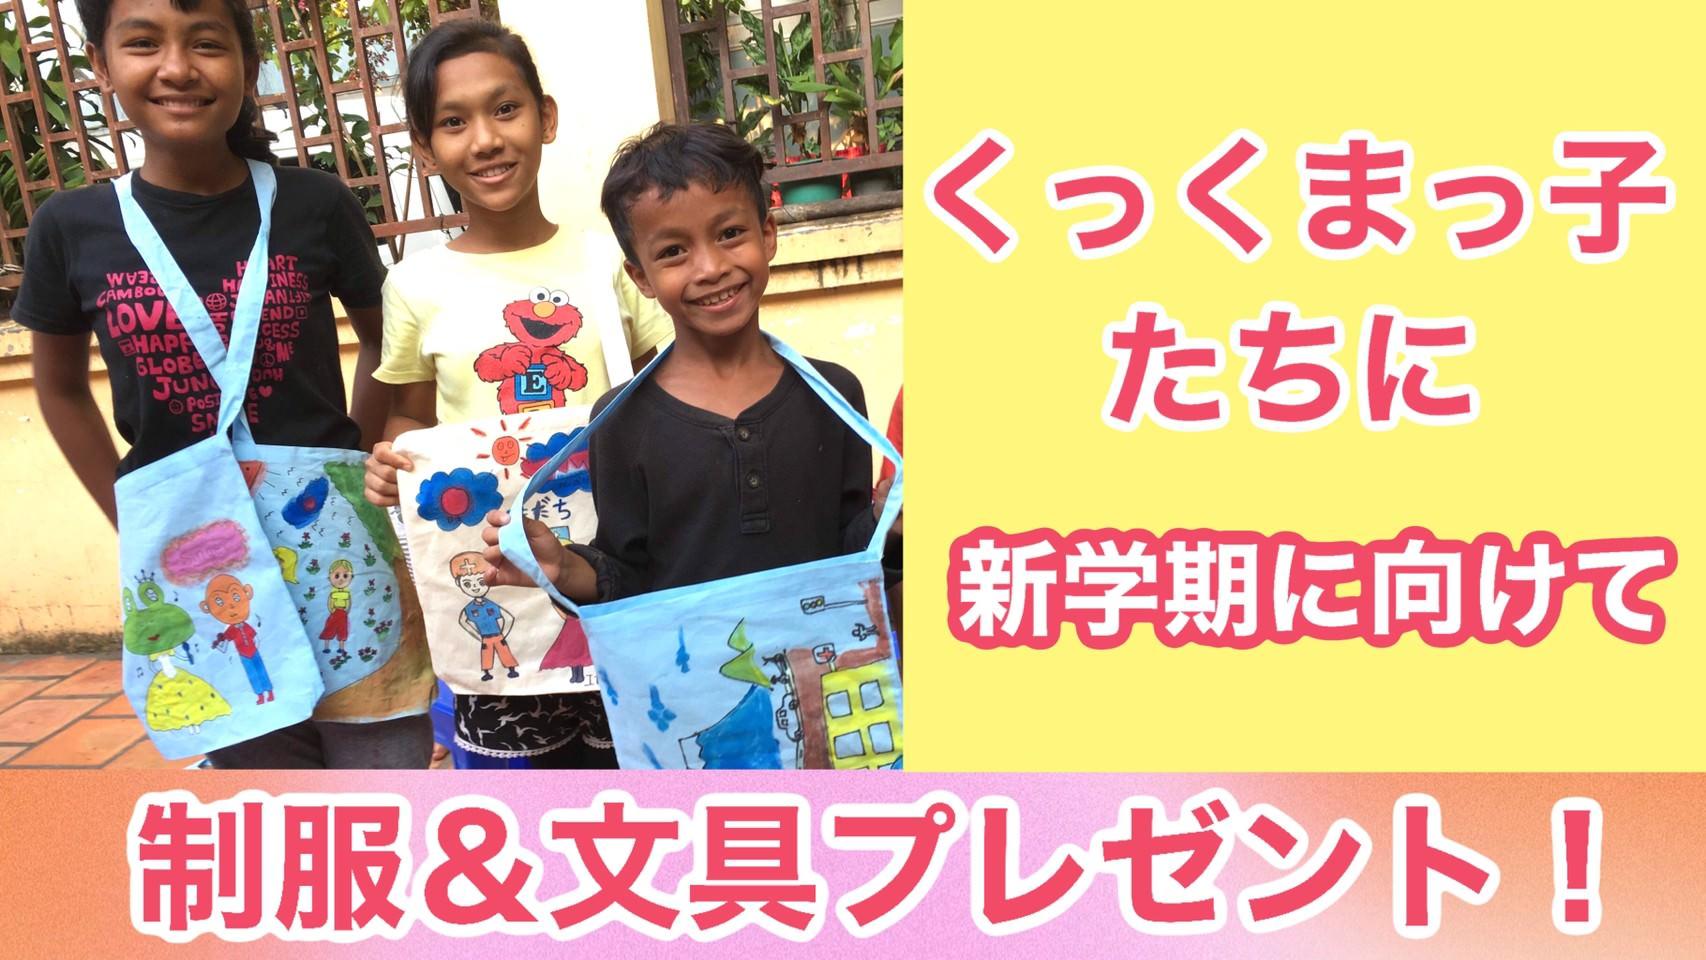 スポット 単発10,000円 × 20名 くっくまっ子に新学期に向けて制服&文具プレゼント